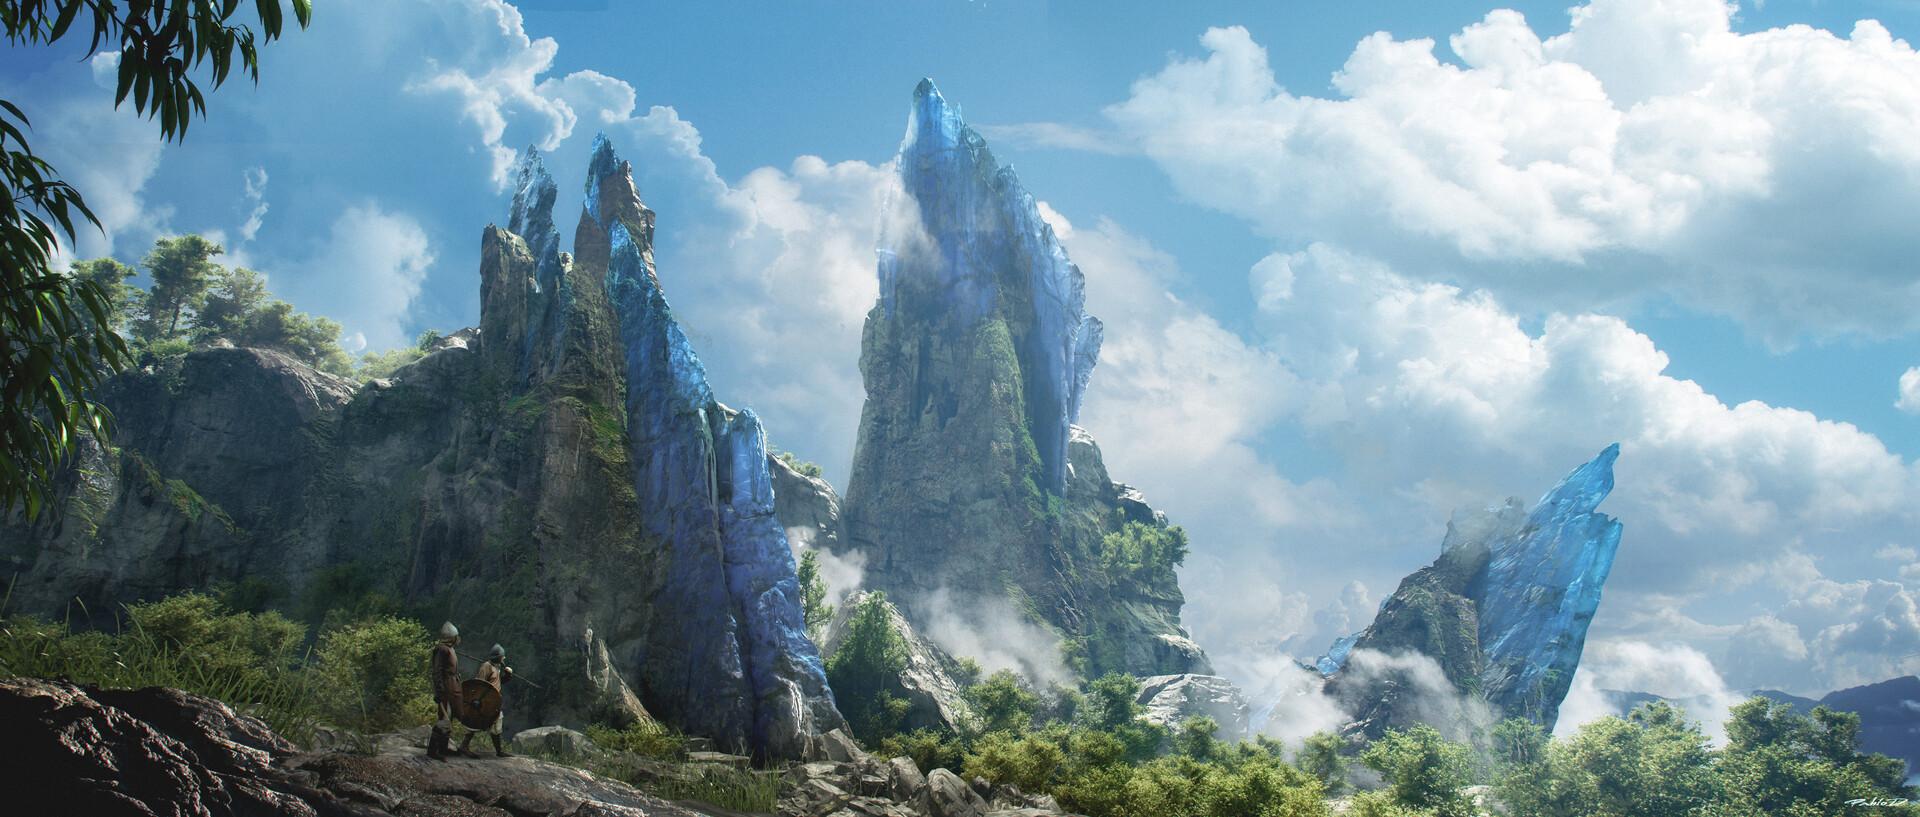 Pablo dominguez mountains